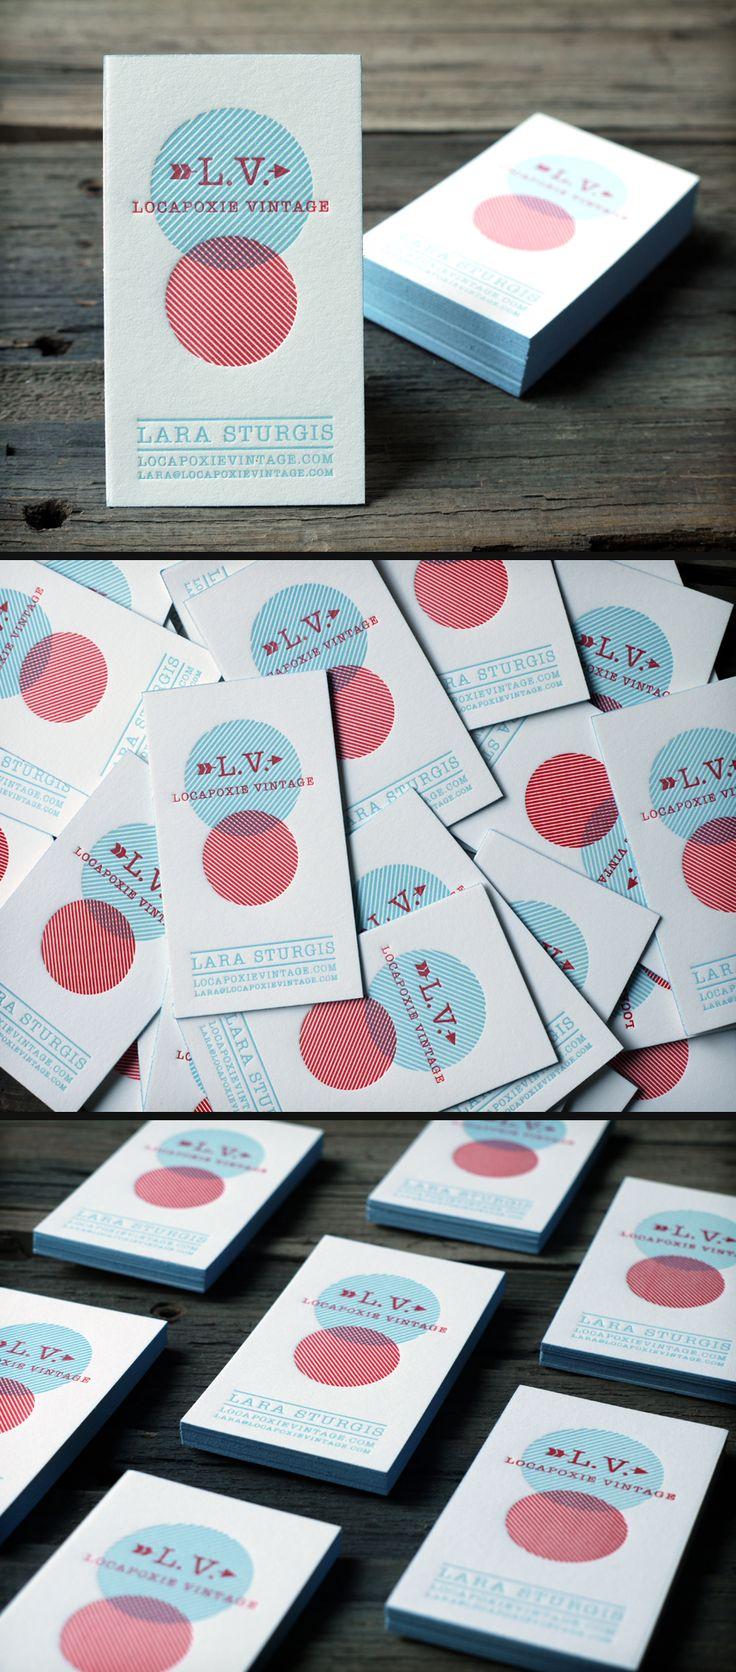 Mais de 30 Inspirações em Cartões de Visitas-Des1gn ON - Blog de Design e Inspiração. #businesscard #typography